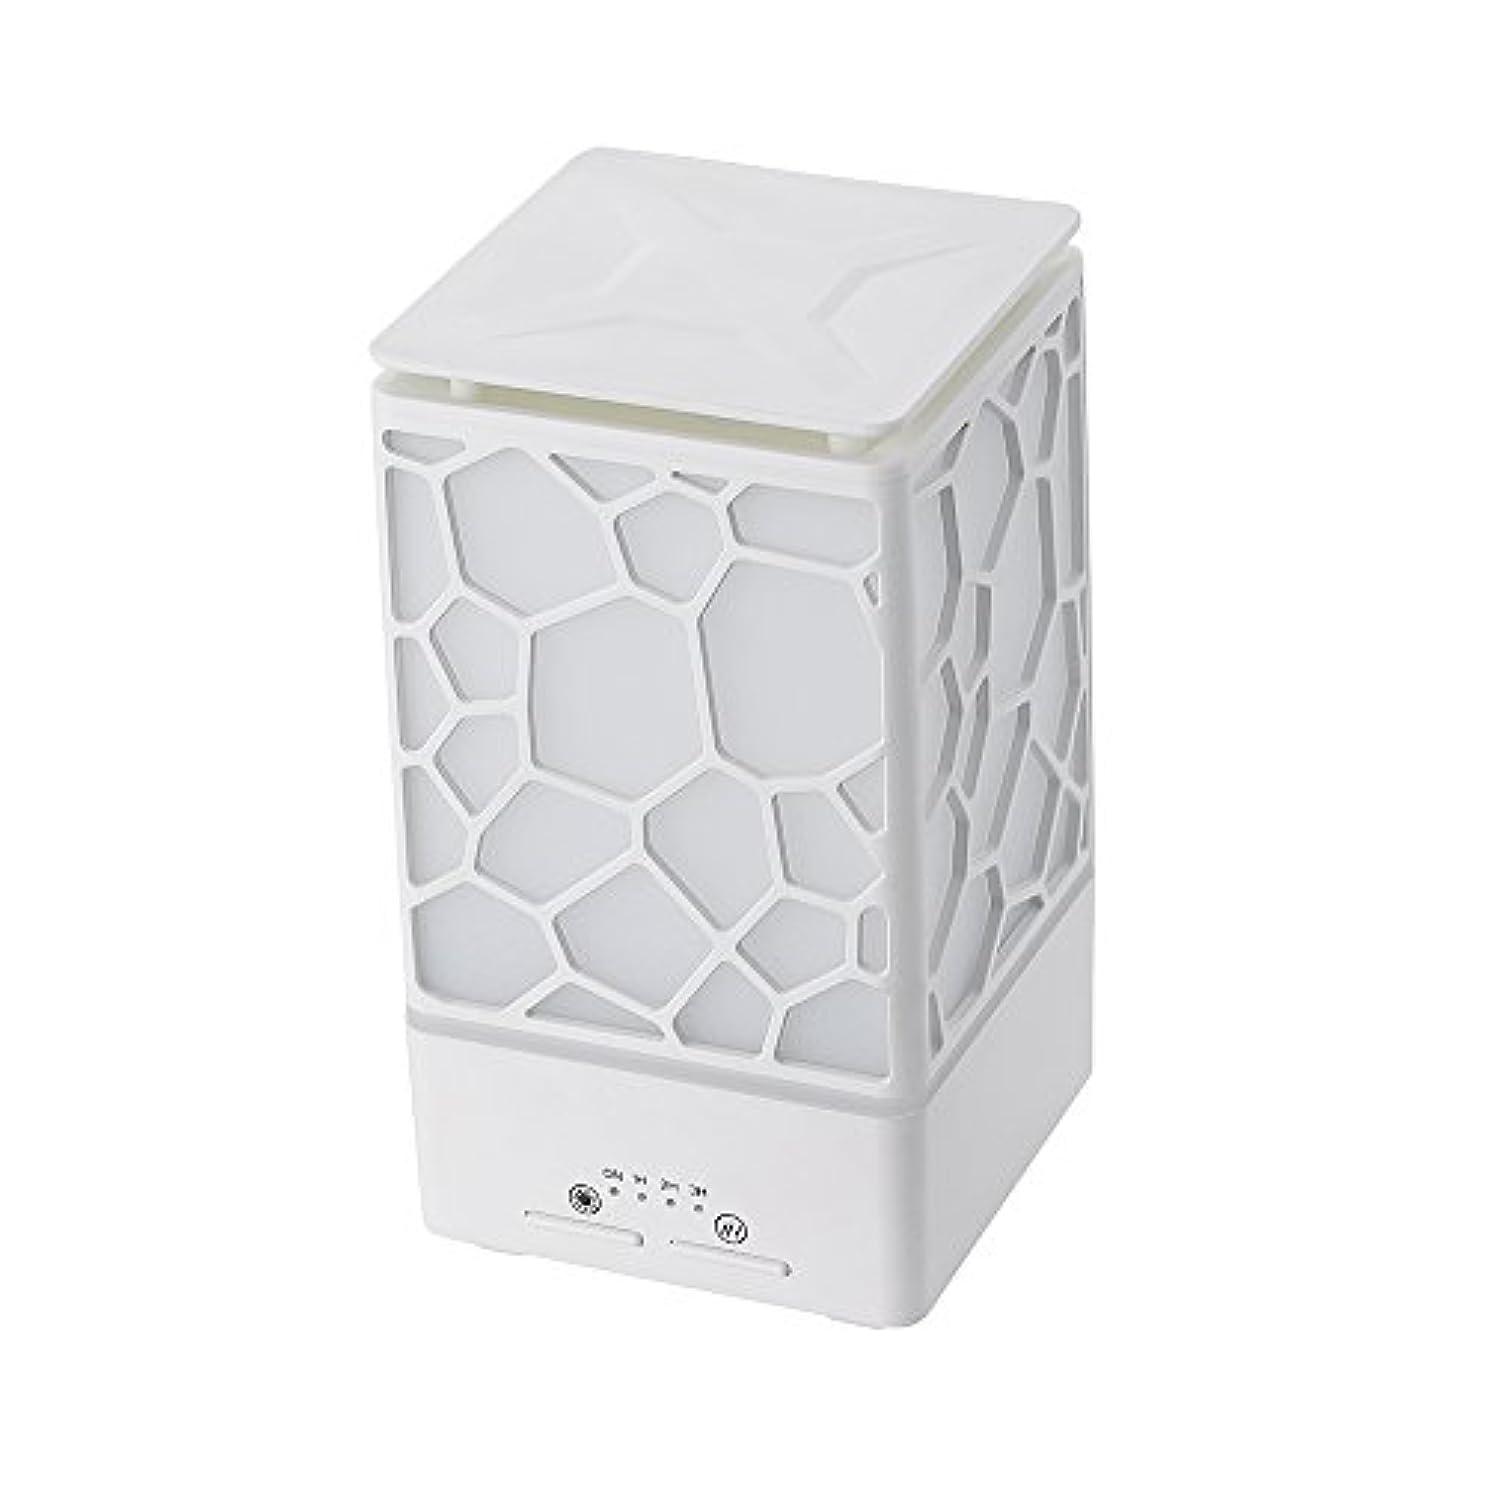 情報演じるシェフ200ミリリットルアロマオイルディフューザー、3つの作業モードでウッドグレインアロマオイルディフューザーウォーターレスオートオフ7色ledライト,White